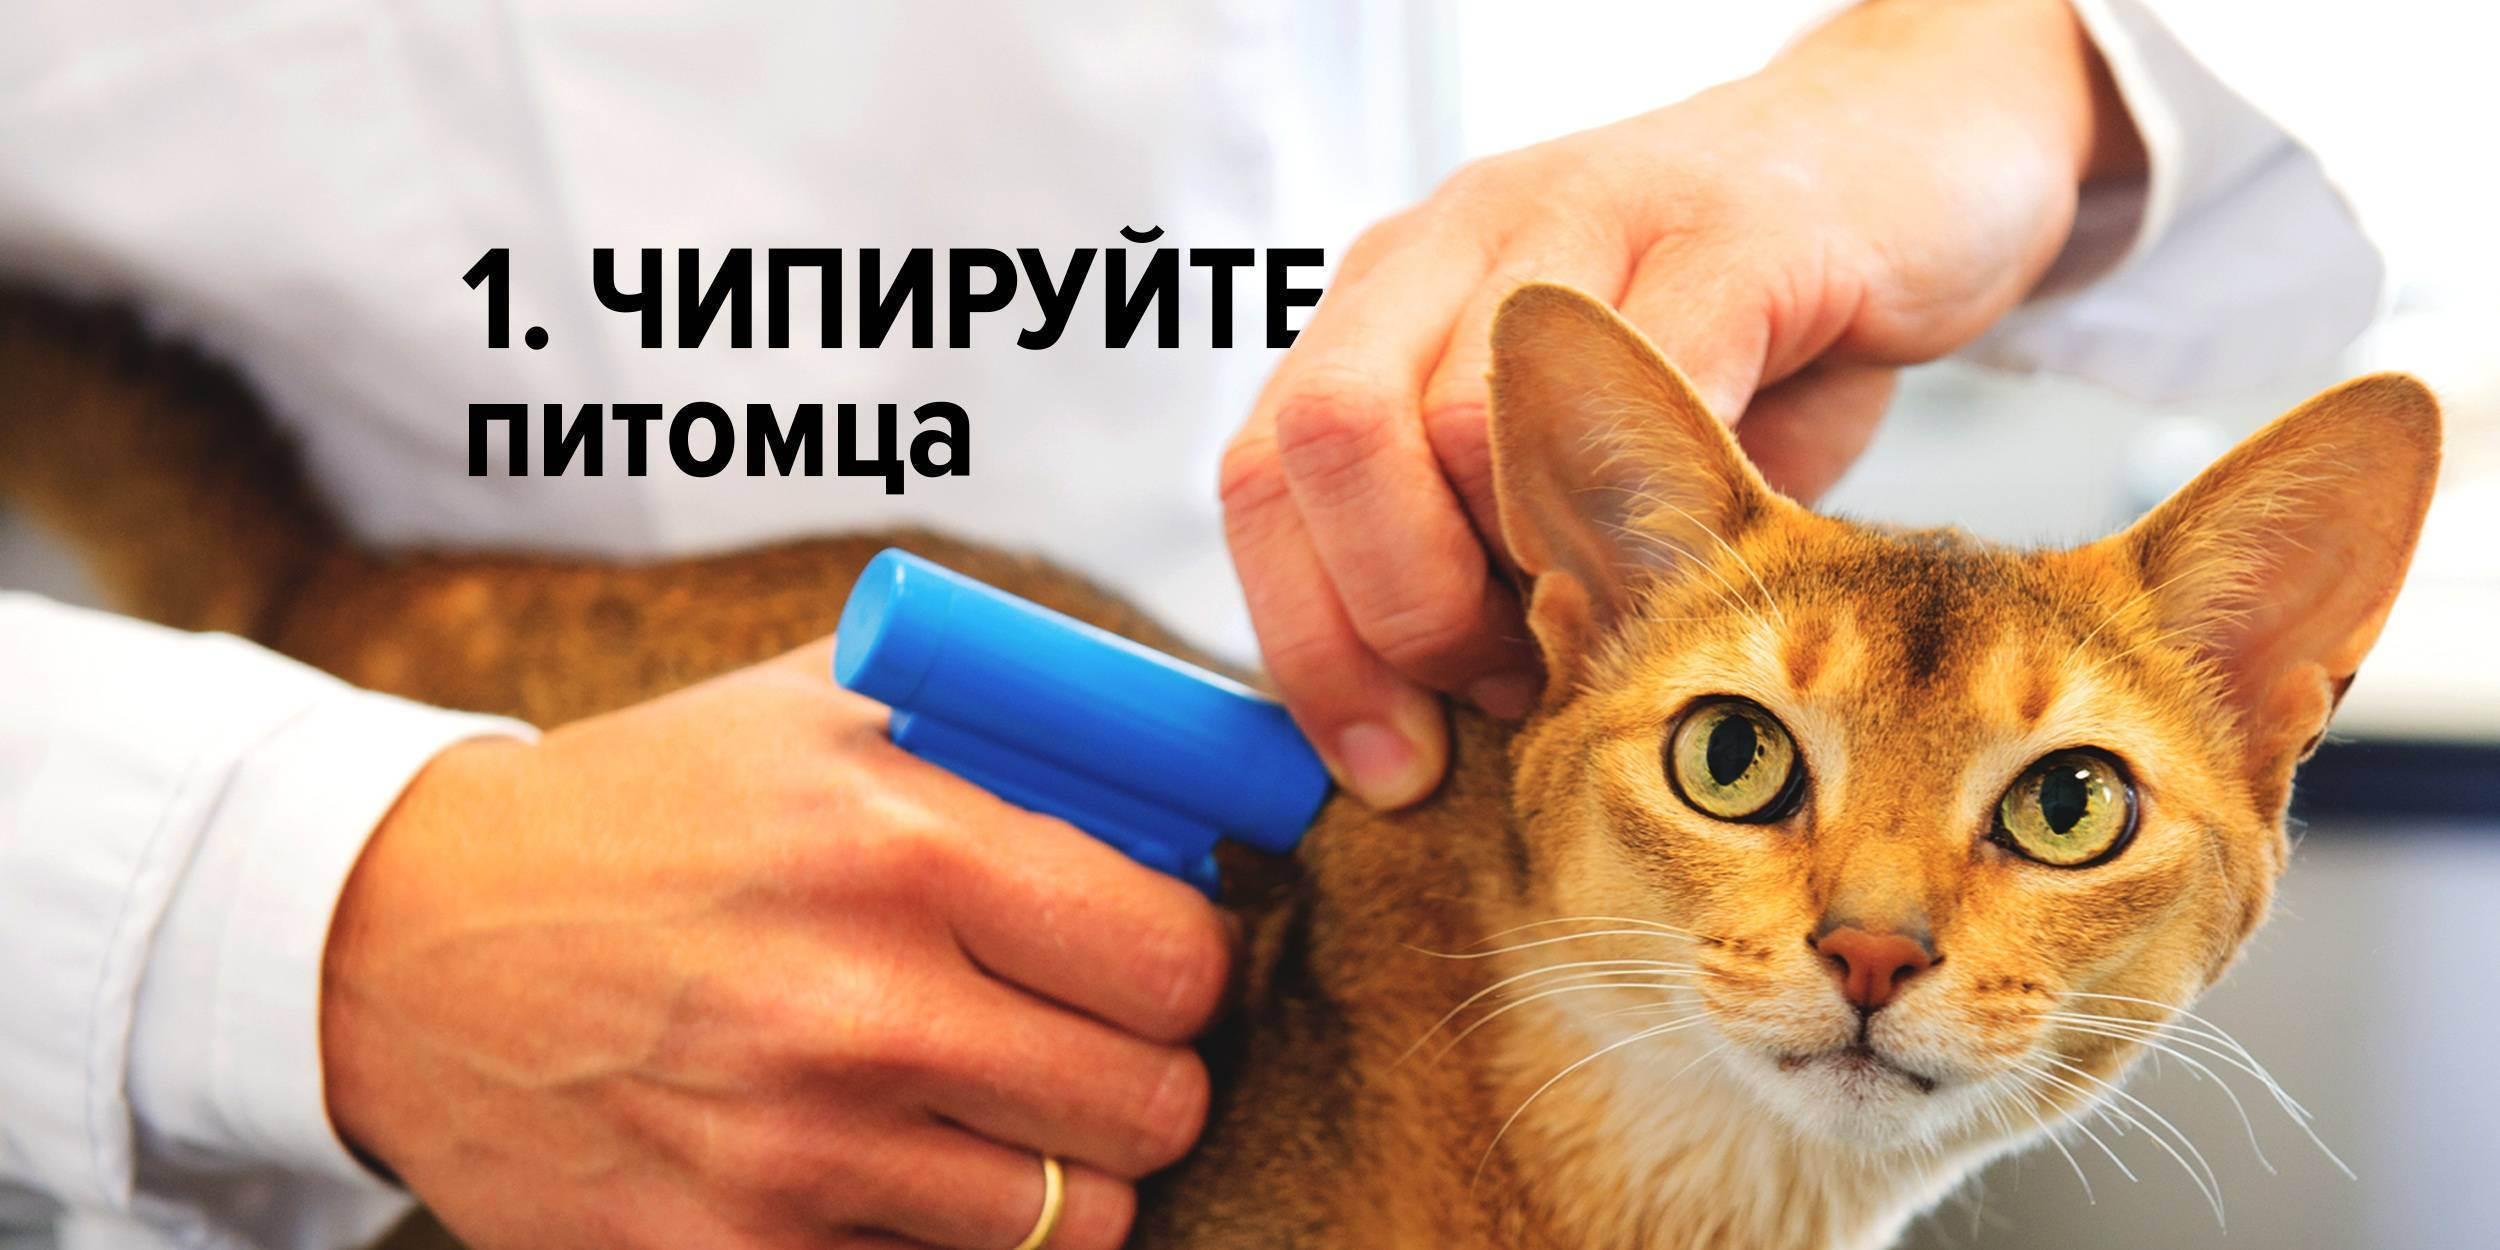 Проблемные породистые кошки и как с ними жить. методичка для начинающих хозяев - новости - 66.ru